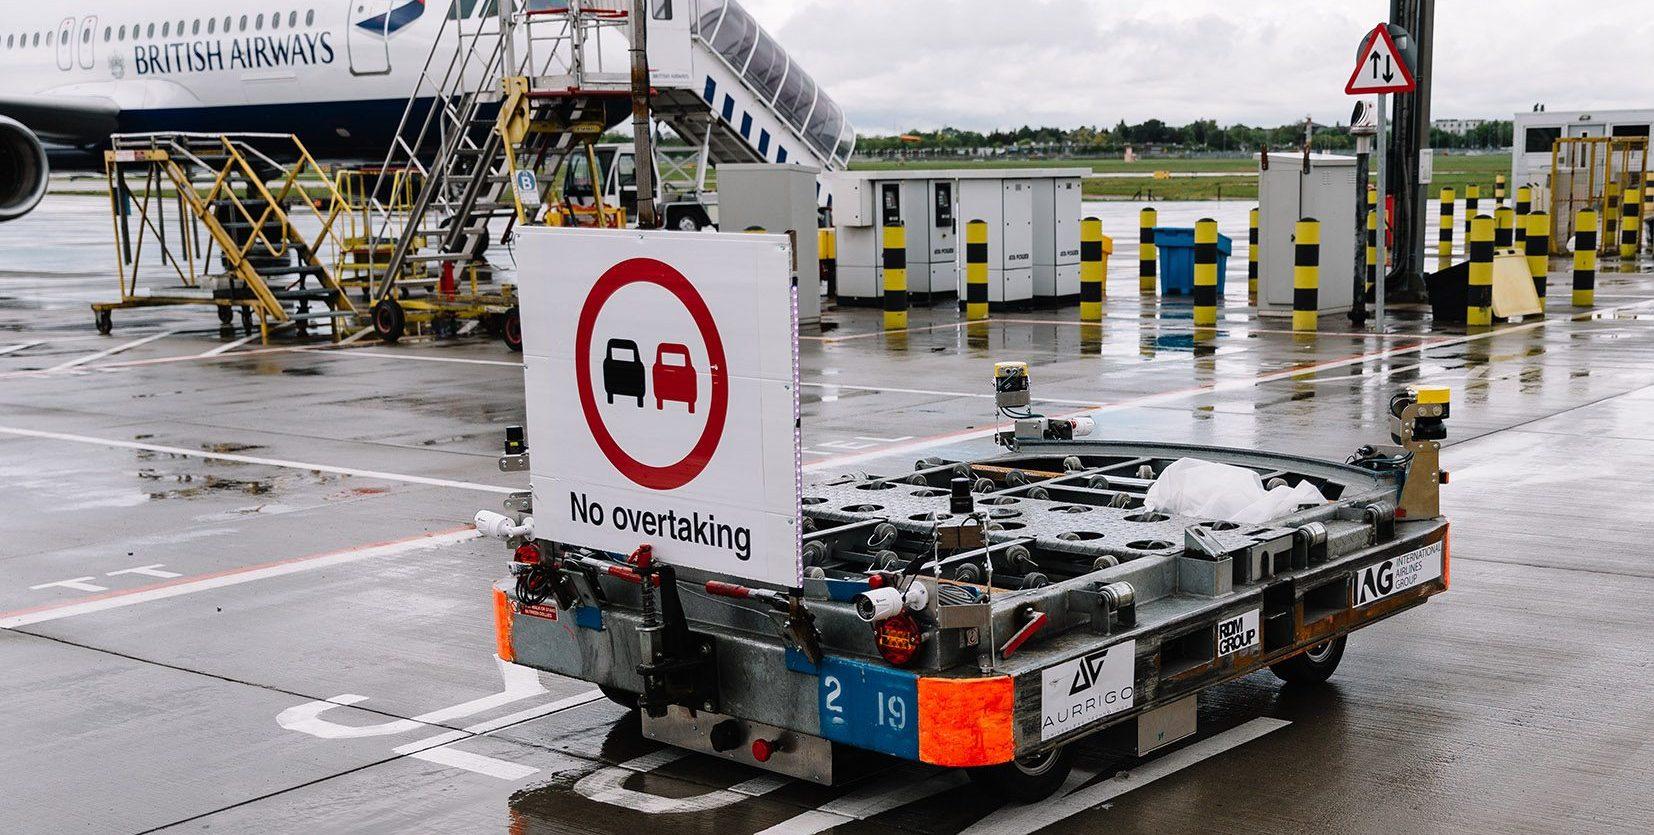 British Airways Autonomous Baggage Vehicle